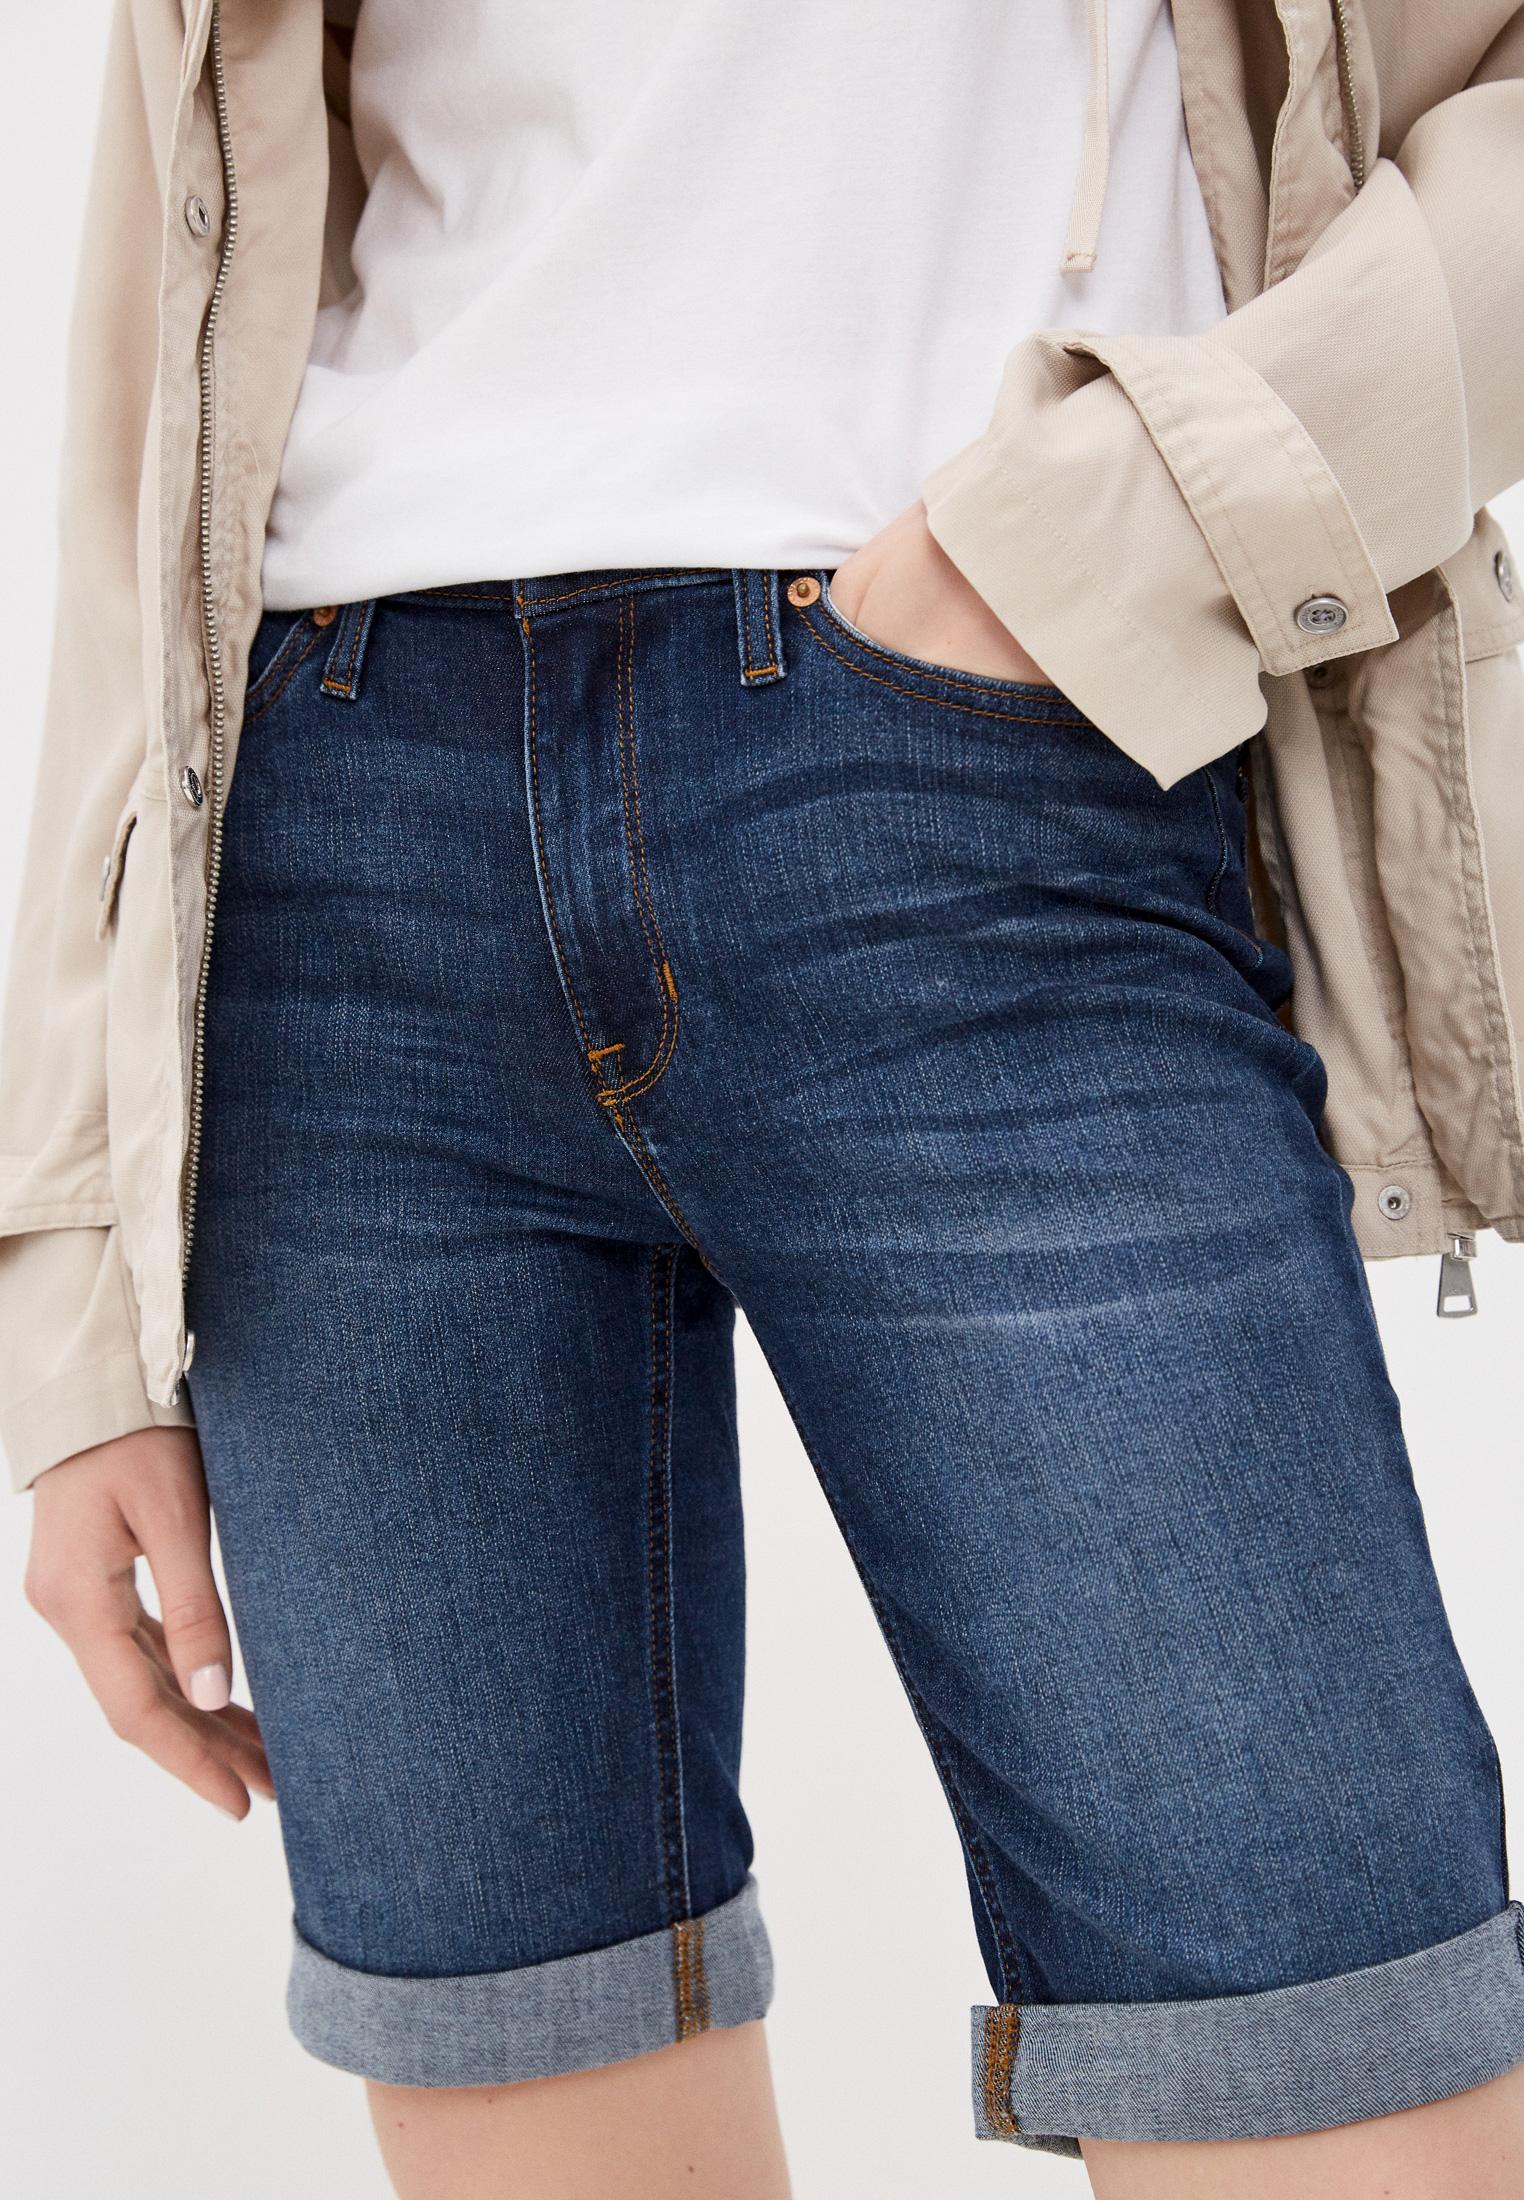 Женские джинсовые шорты DKNY Шорты джинсовые DKNY